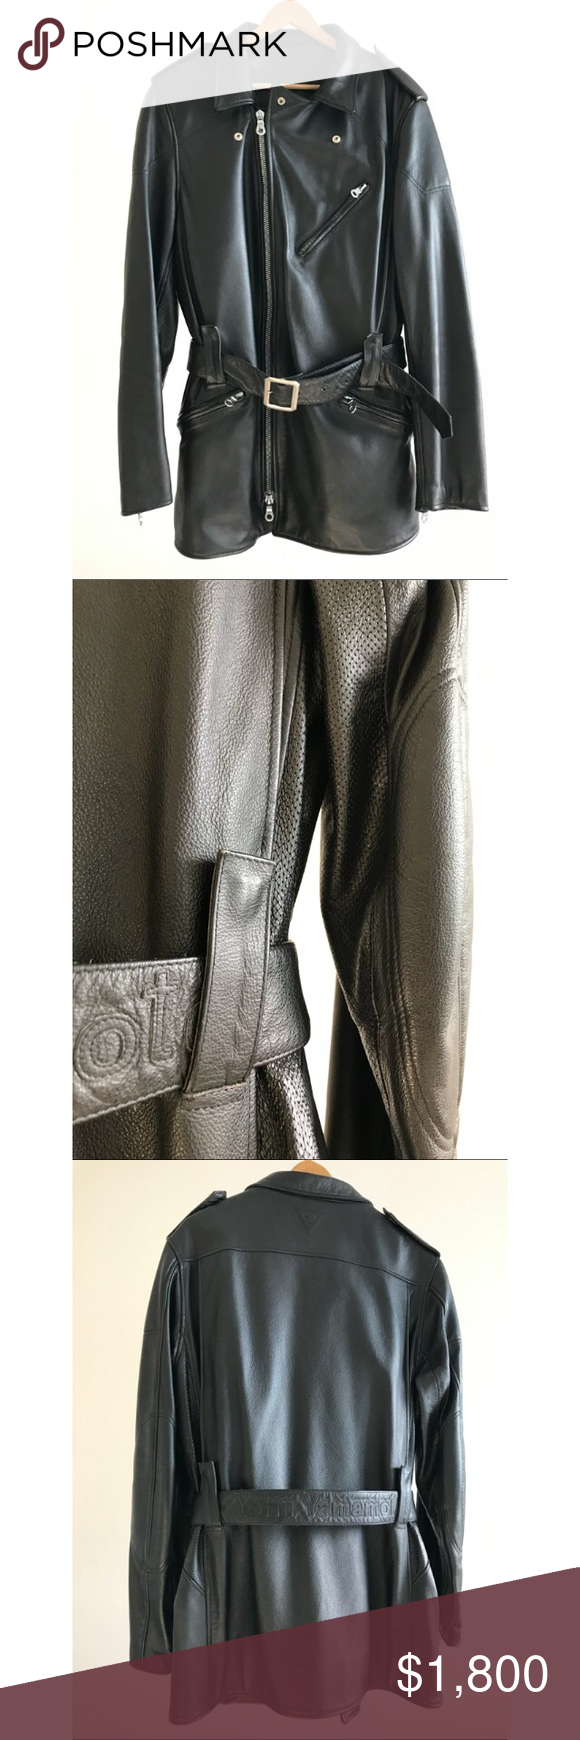 Yohji Yamamoto Leather Biker Jacket Rare Yohji X Diamese 2005 Fall Winter Size 48 Perfect Condition Yohji Yamamoto Leather Biker Jacket Biker Jacket Jackets [ 1740 x 580 Pixel ]